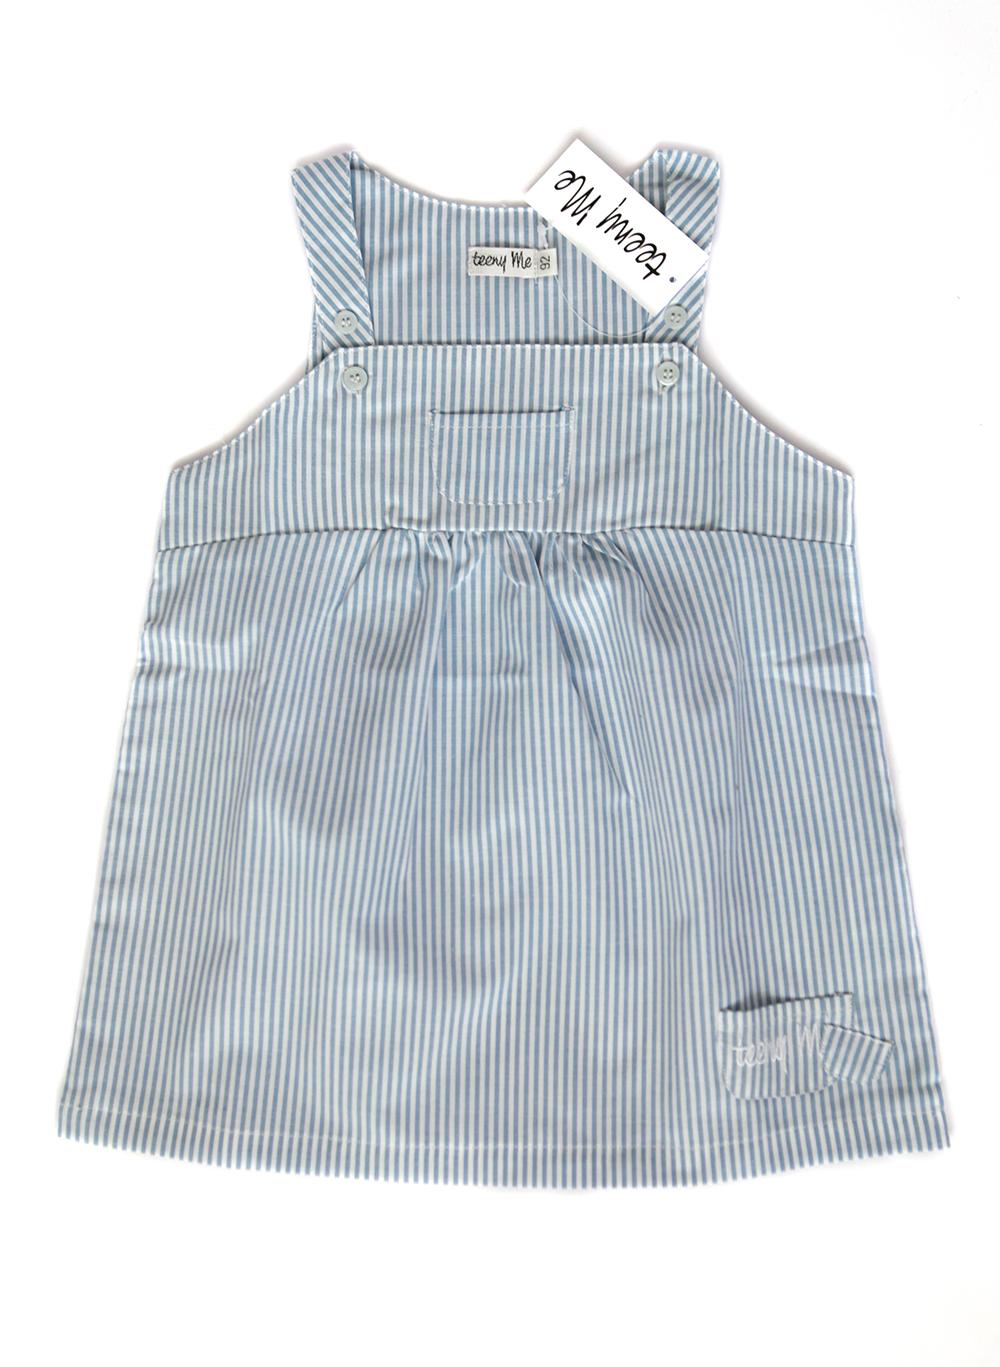 stripet kjole blå hvit web